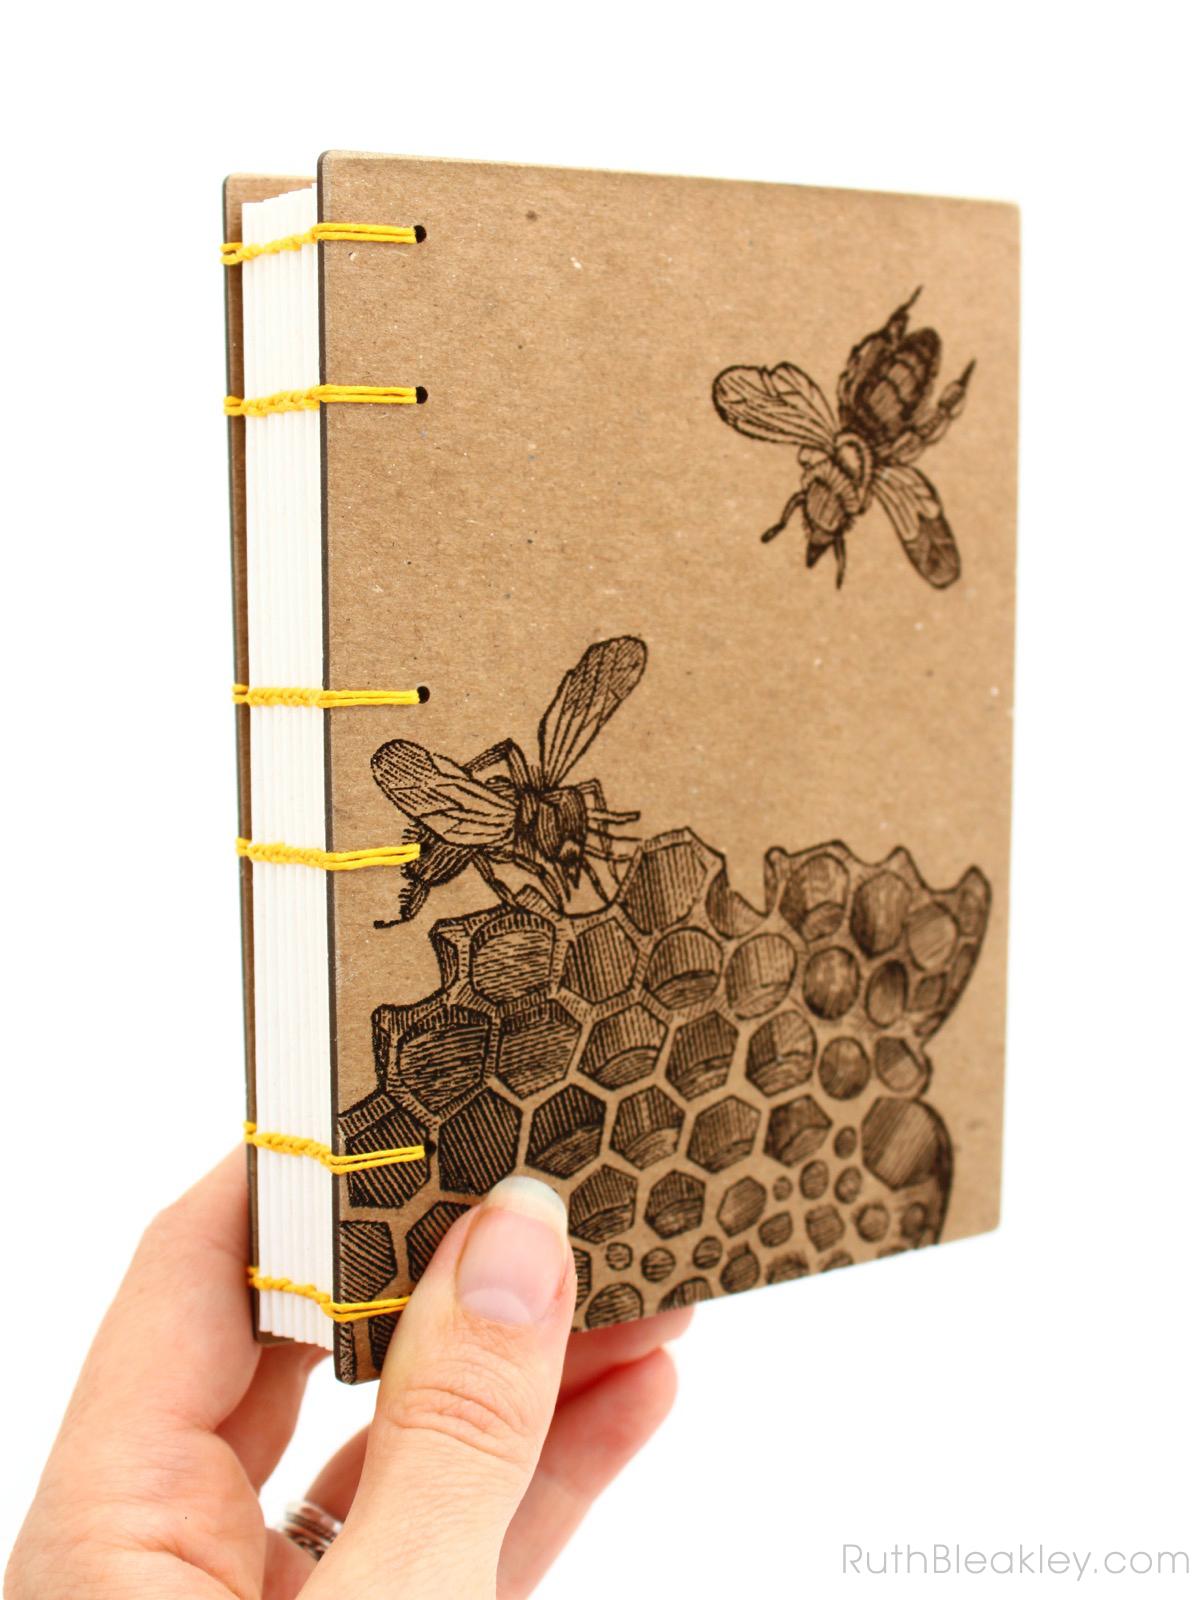 Honeybee Handmade Journal made by Ruth Bleakley with Laser Engraving - beehive gift